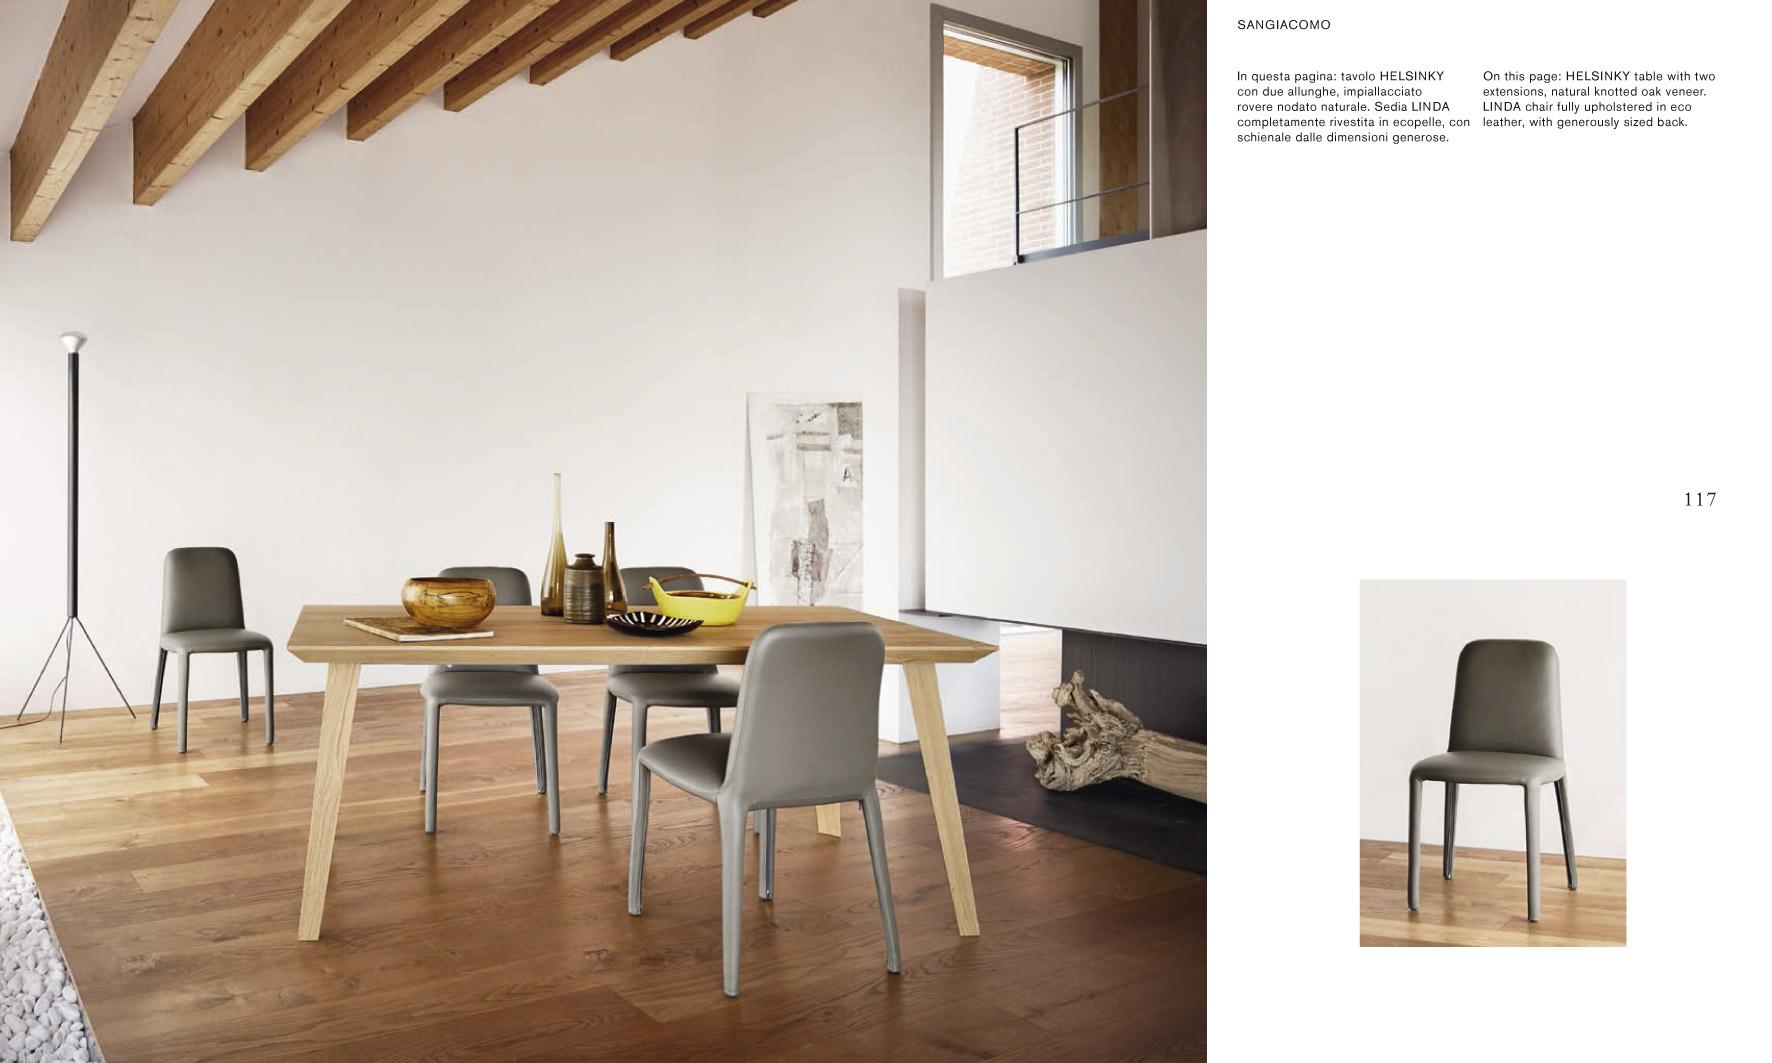 Mobili san giacomo tavoli for San giacomo arredamenti catalogo